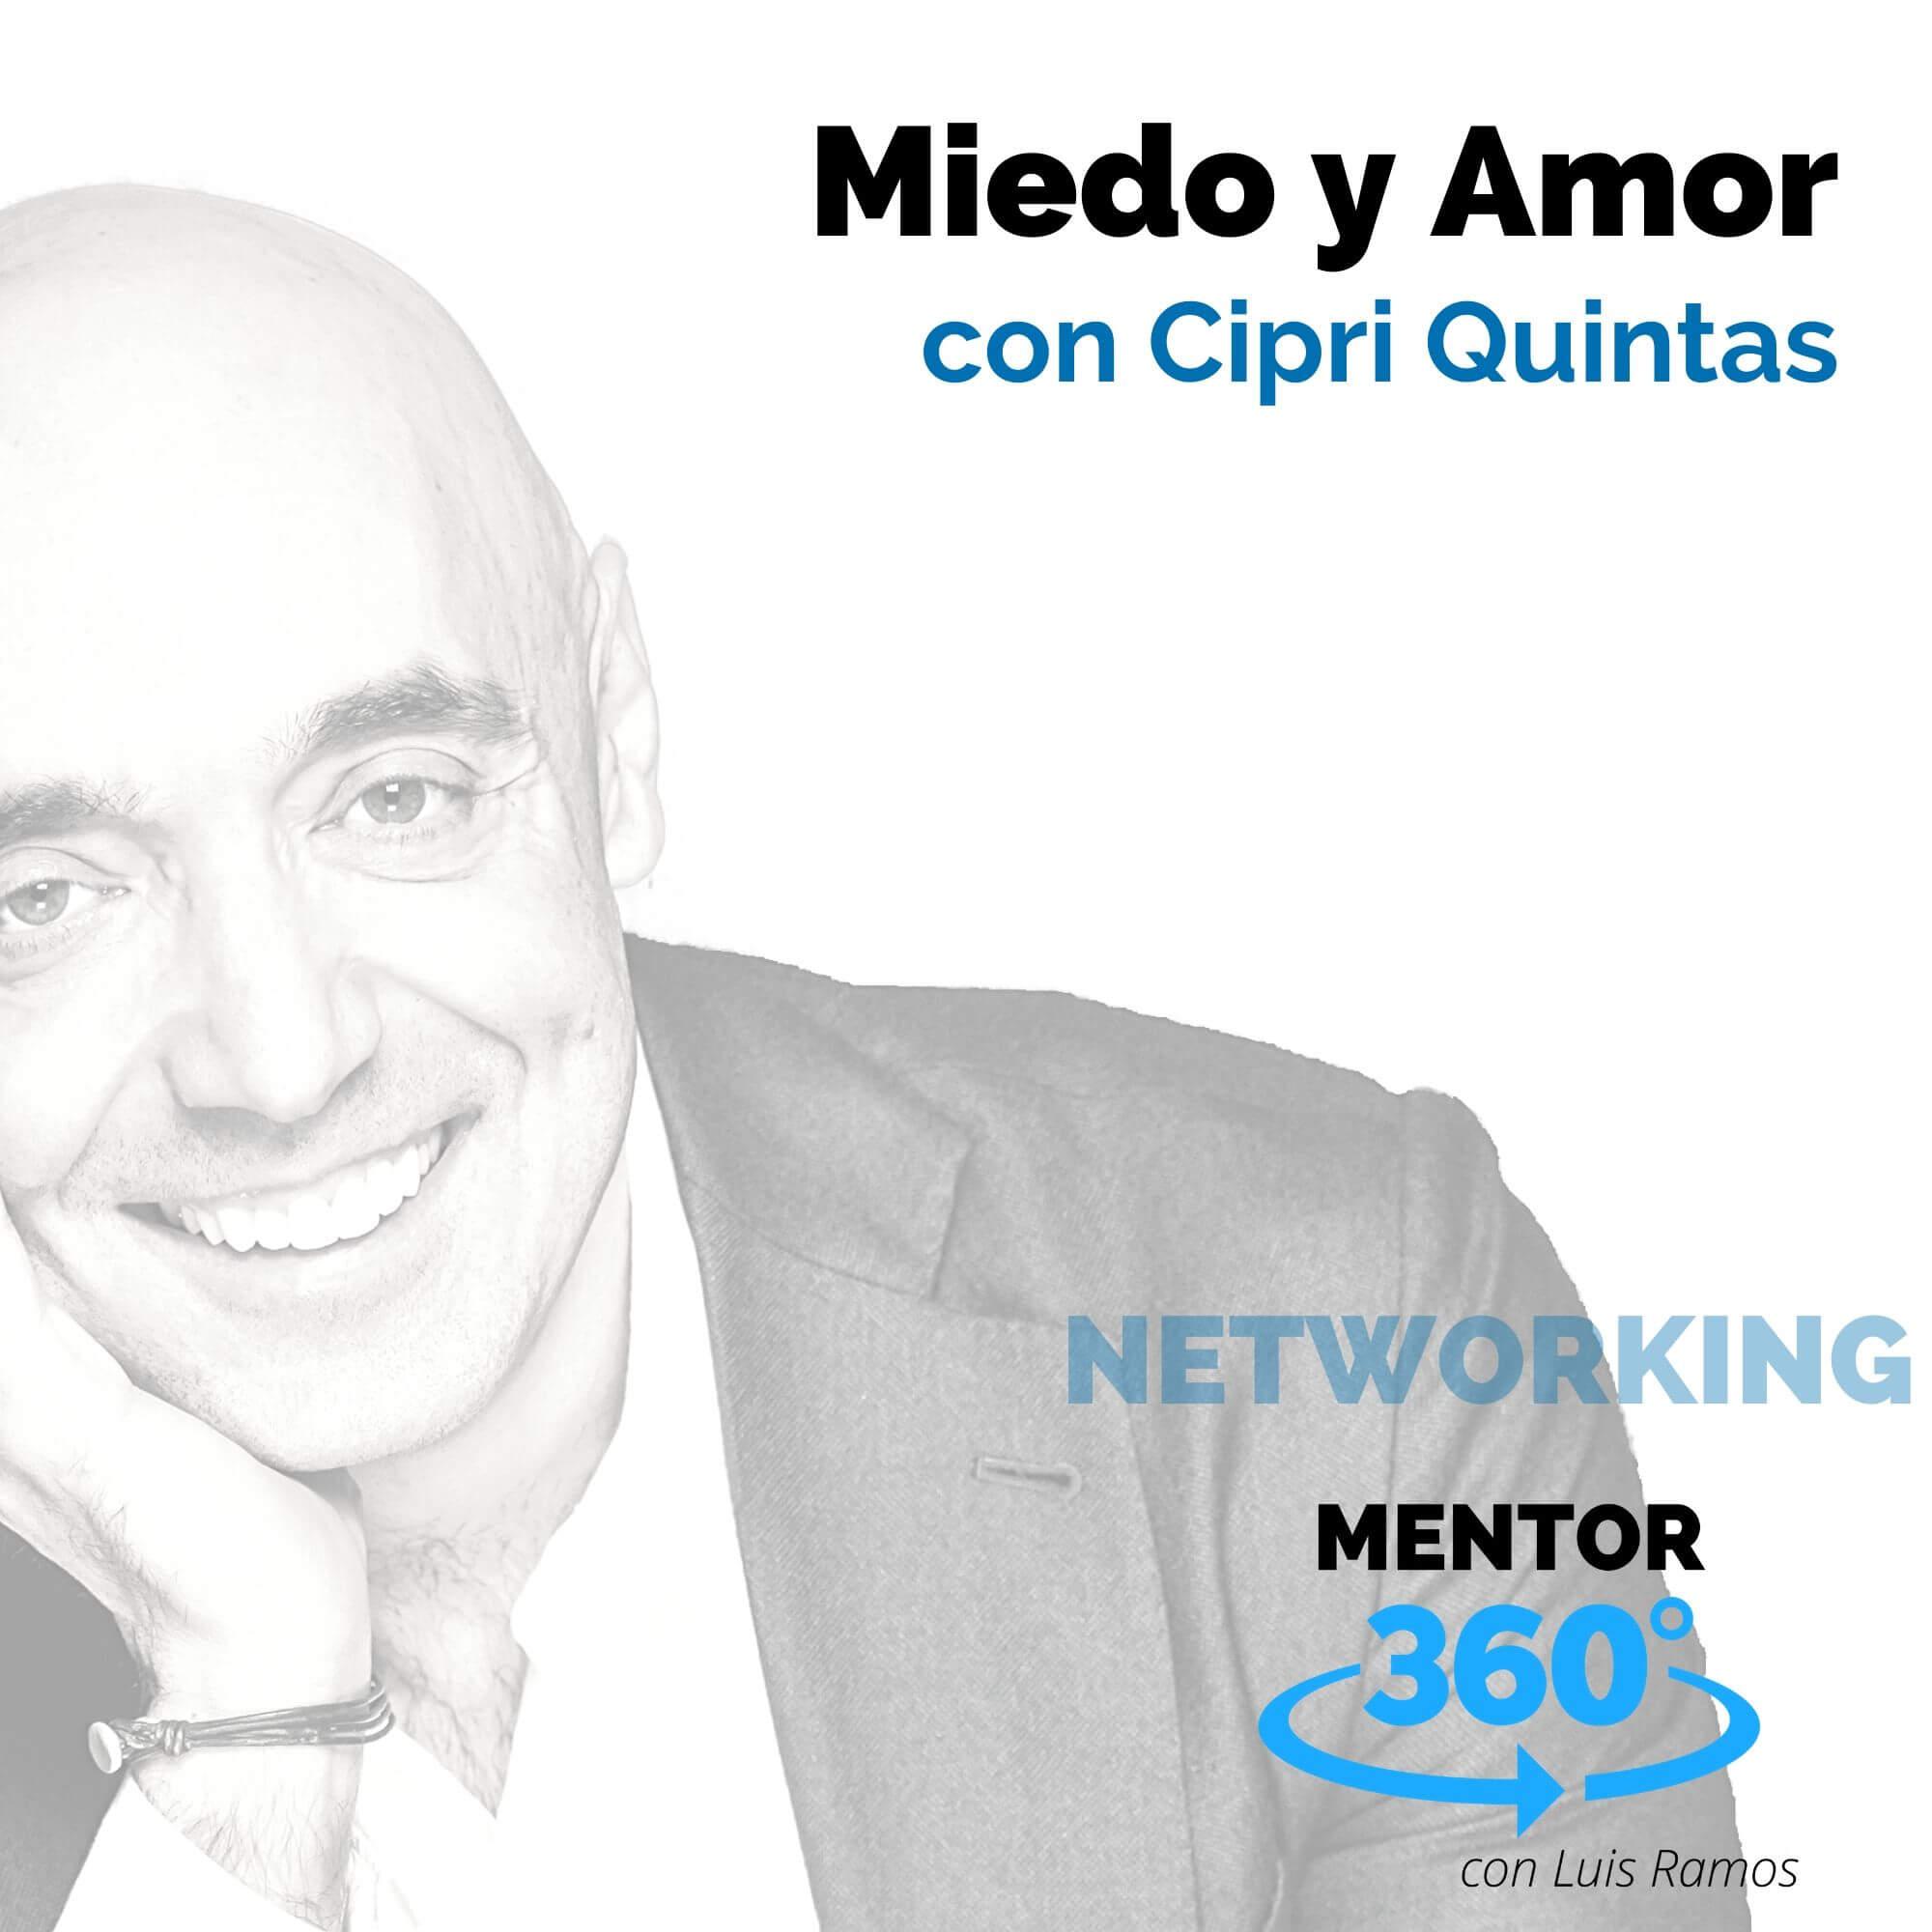 Miedo y Amor, con Cipri Quintas - NETWORKING